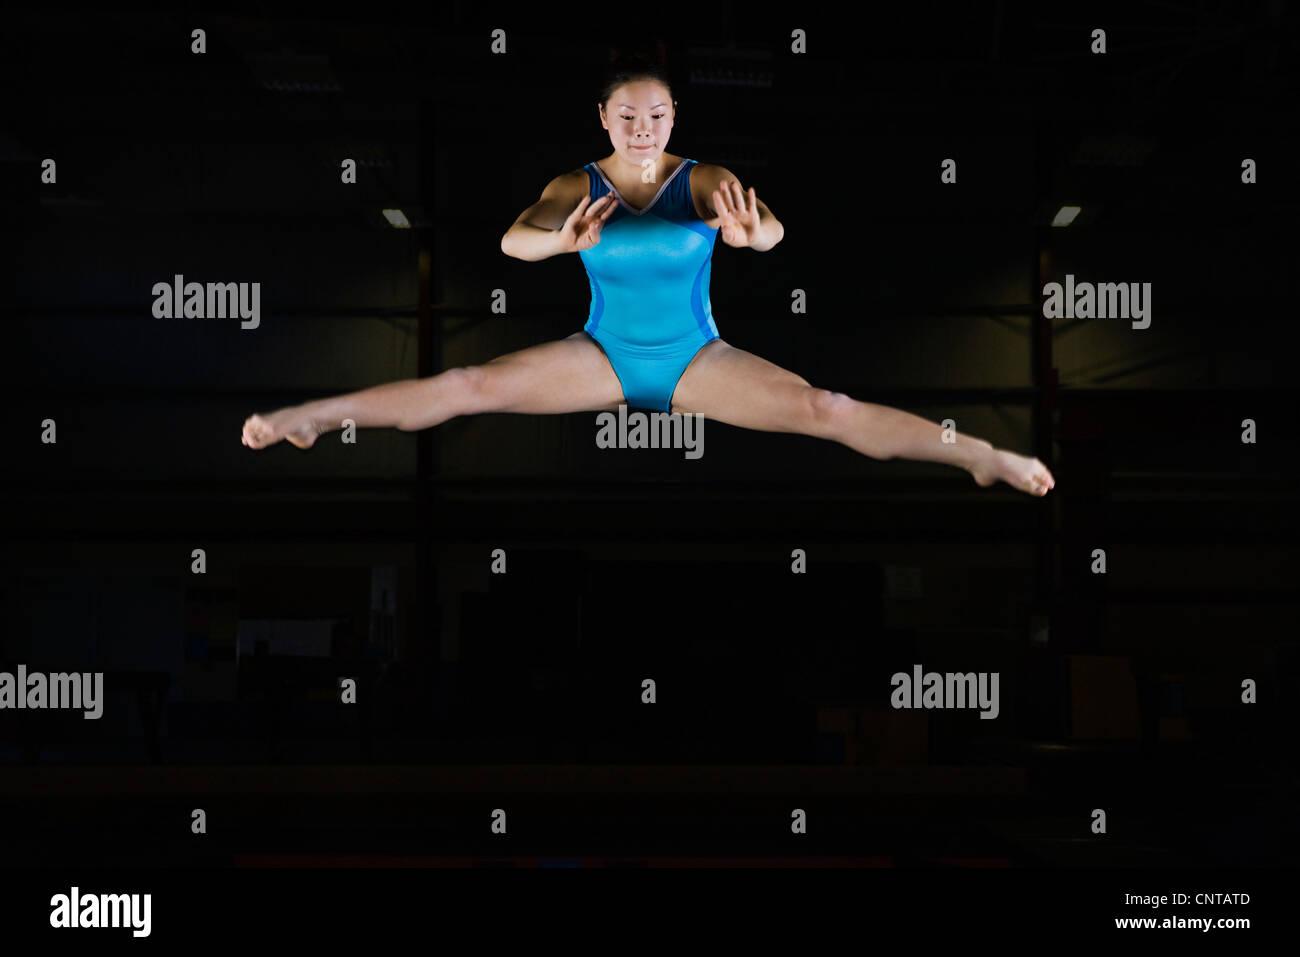 Teenage girl gymnast performing split leap - Stock Image